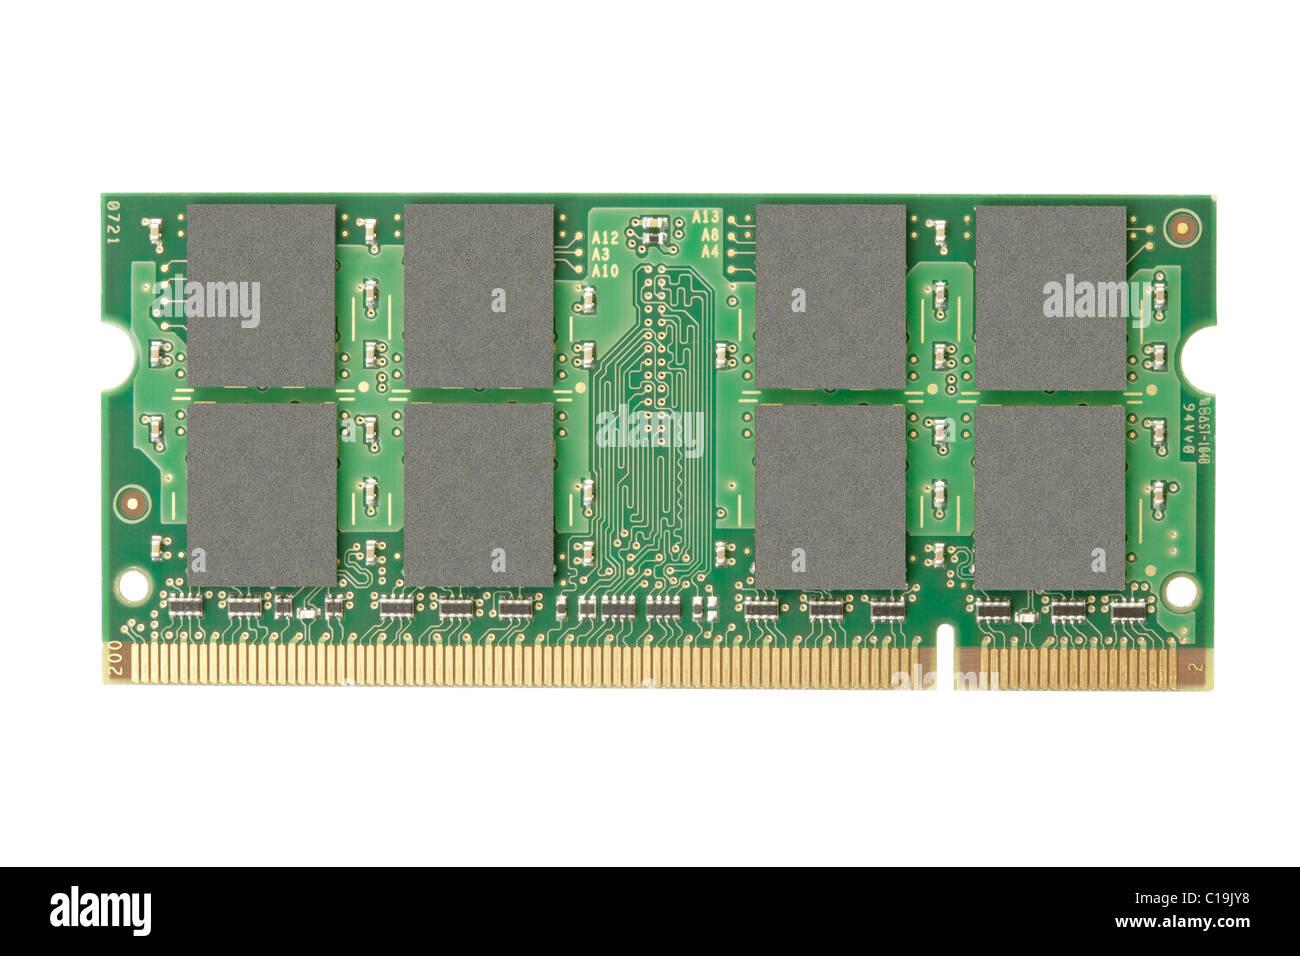 RAM-Speicher isoliert auf weißem Hintergrund Stockfoto